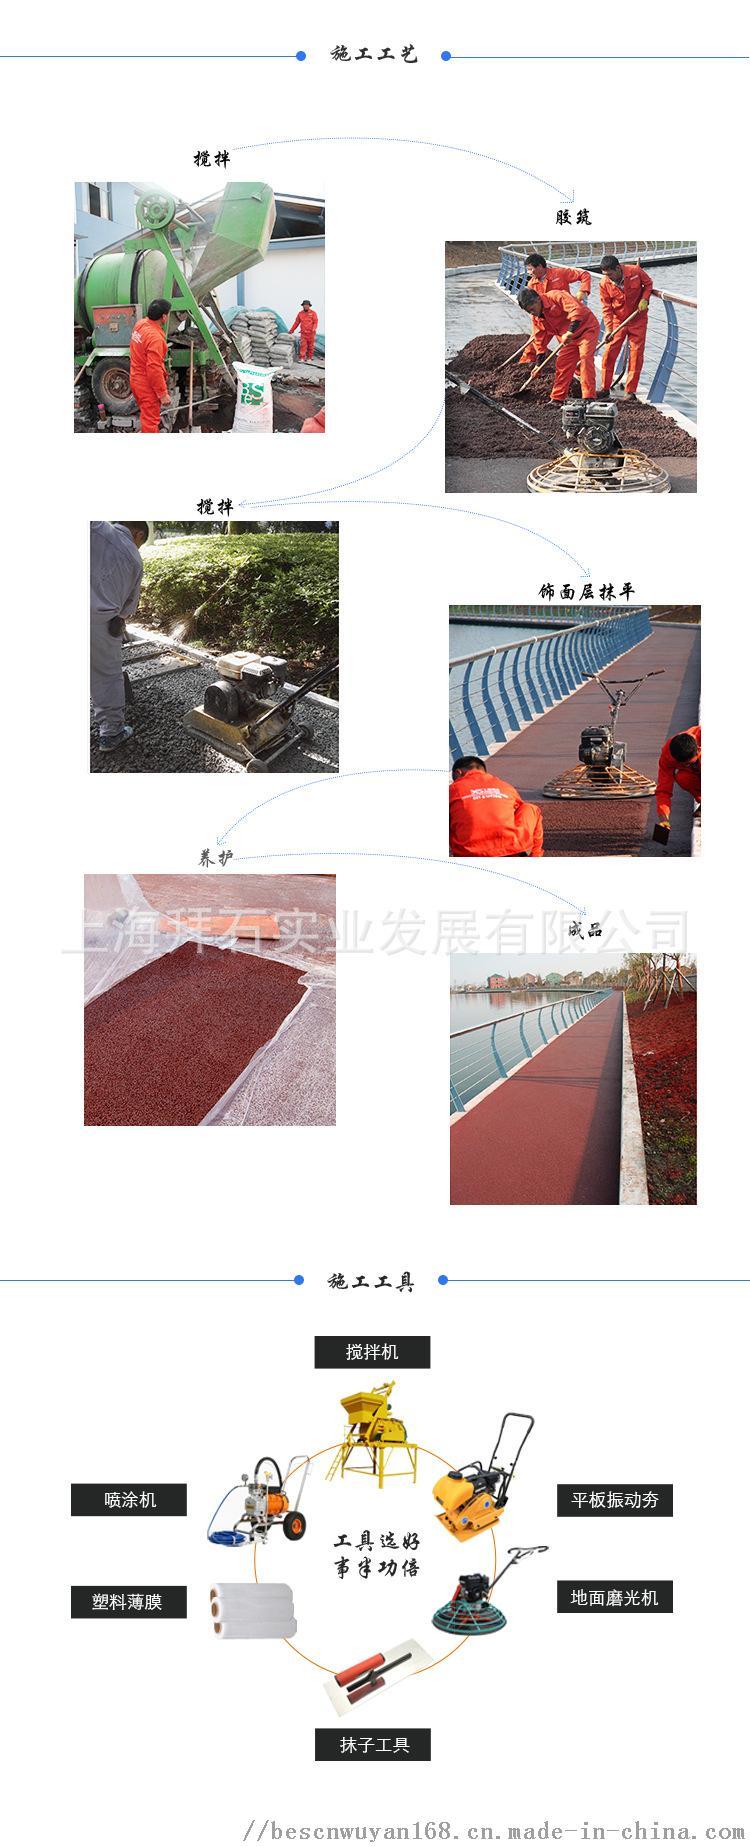 江浙沪皖,生态透水混凝土路面,材料,施工150386865